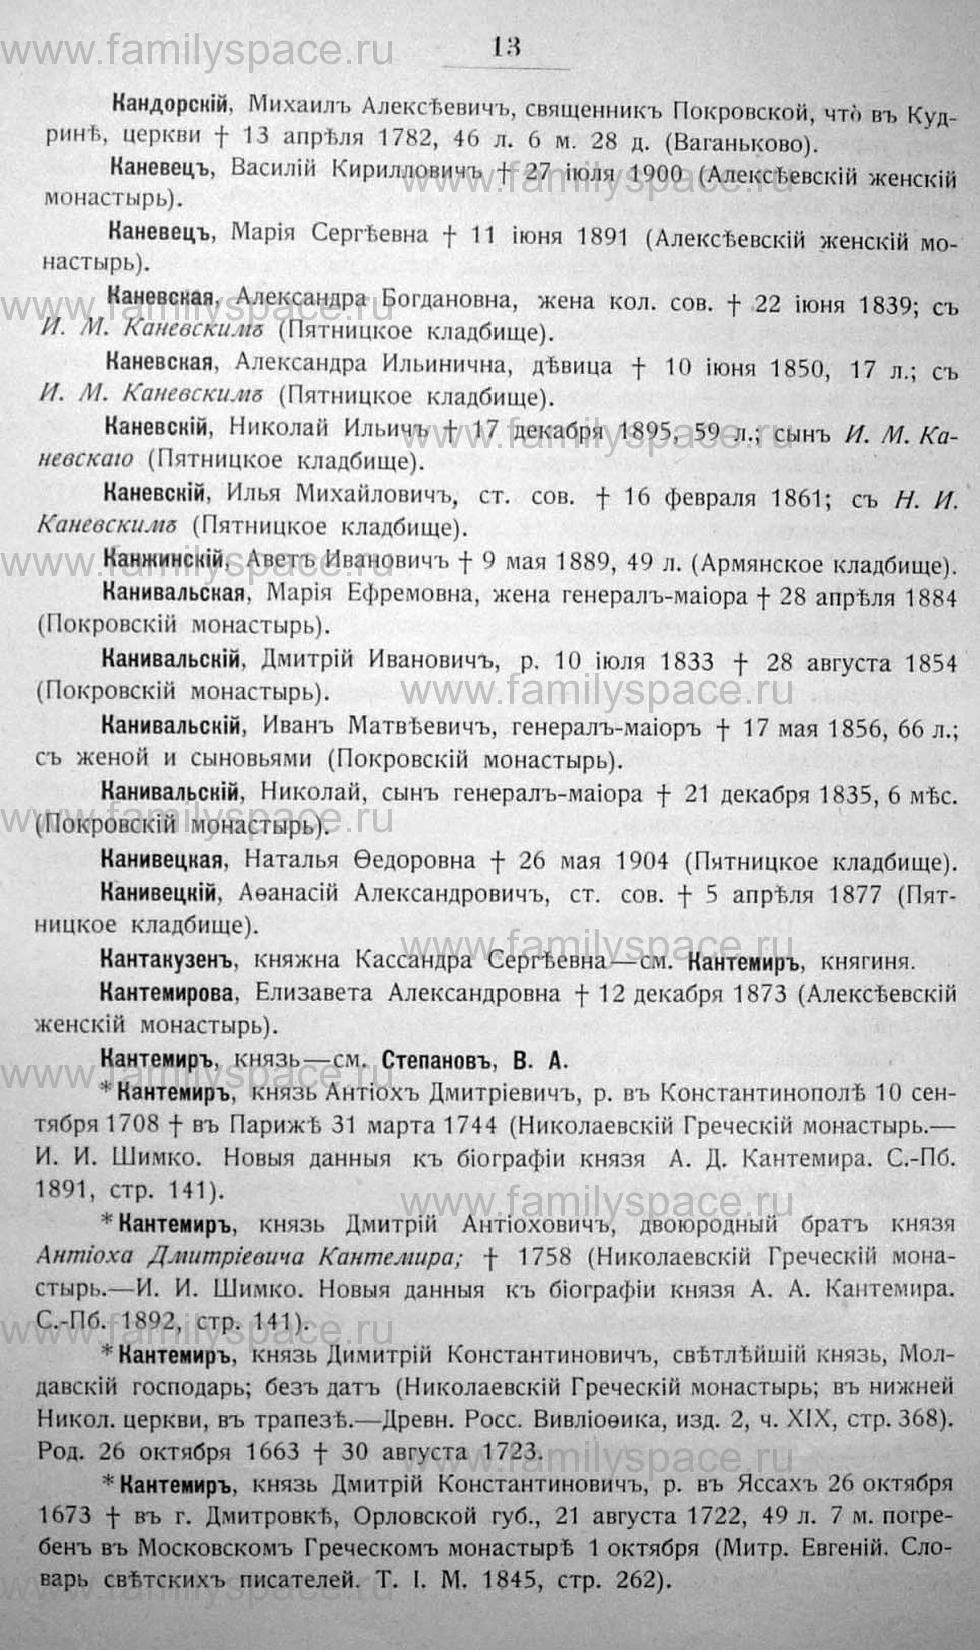 Поиск по фамилии - Московский некрополь, т.2, 1907 г., страница 1013